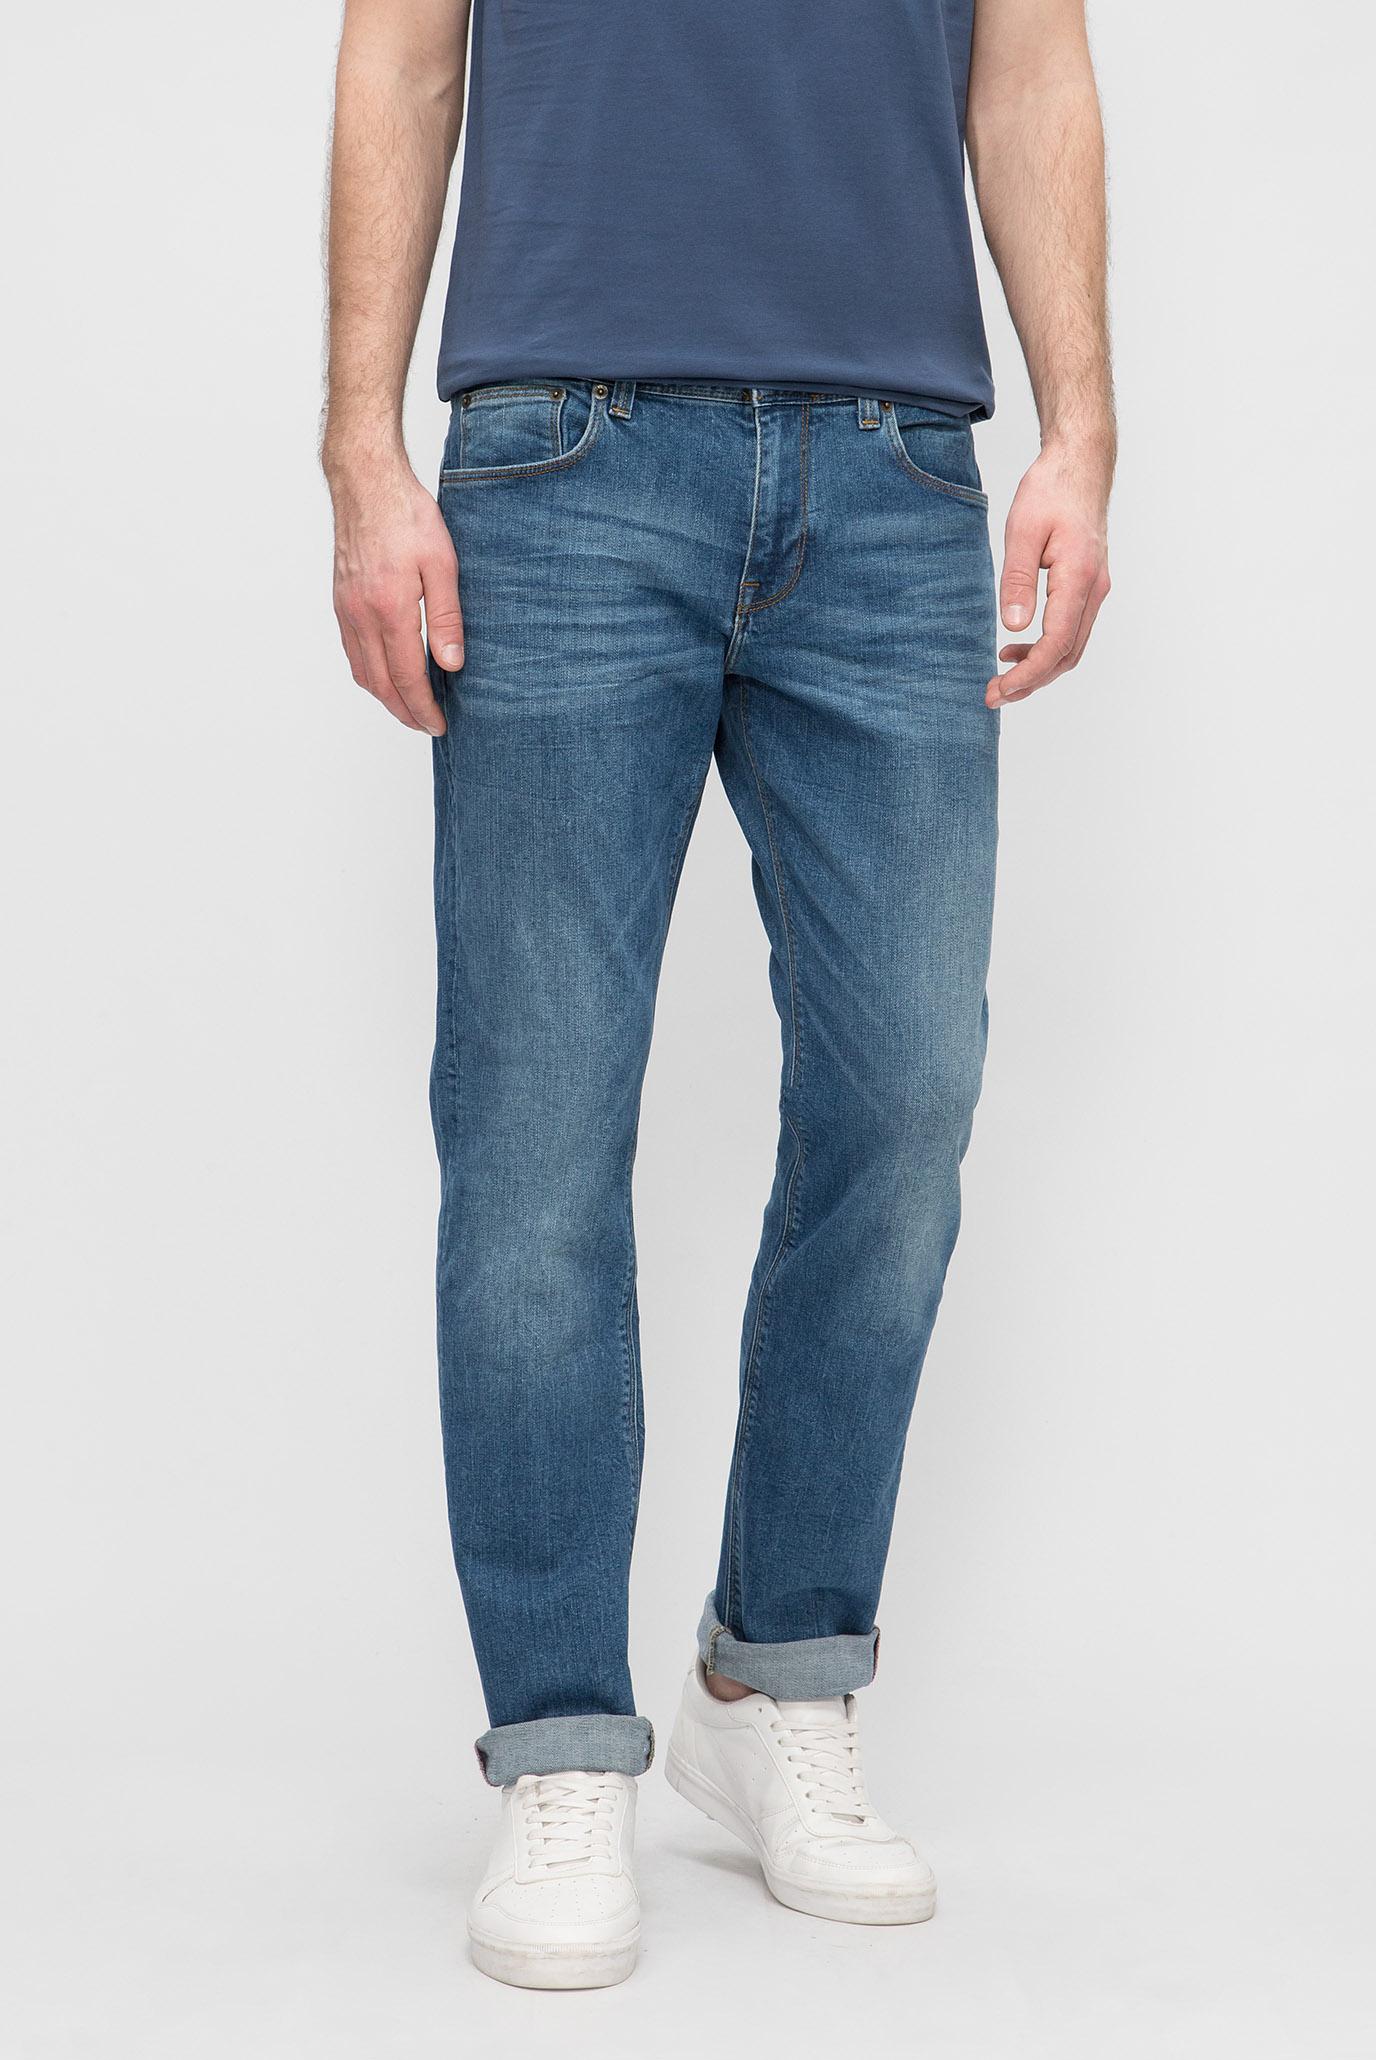 Купить Мужские голубые джинсы DENTON Tommy Hilfiger Tommy Hilfiger MW0MW06566 – Киев, Украина. Цены в интернет магазине MD Fashion